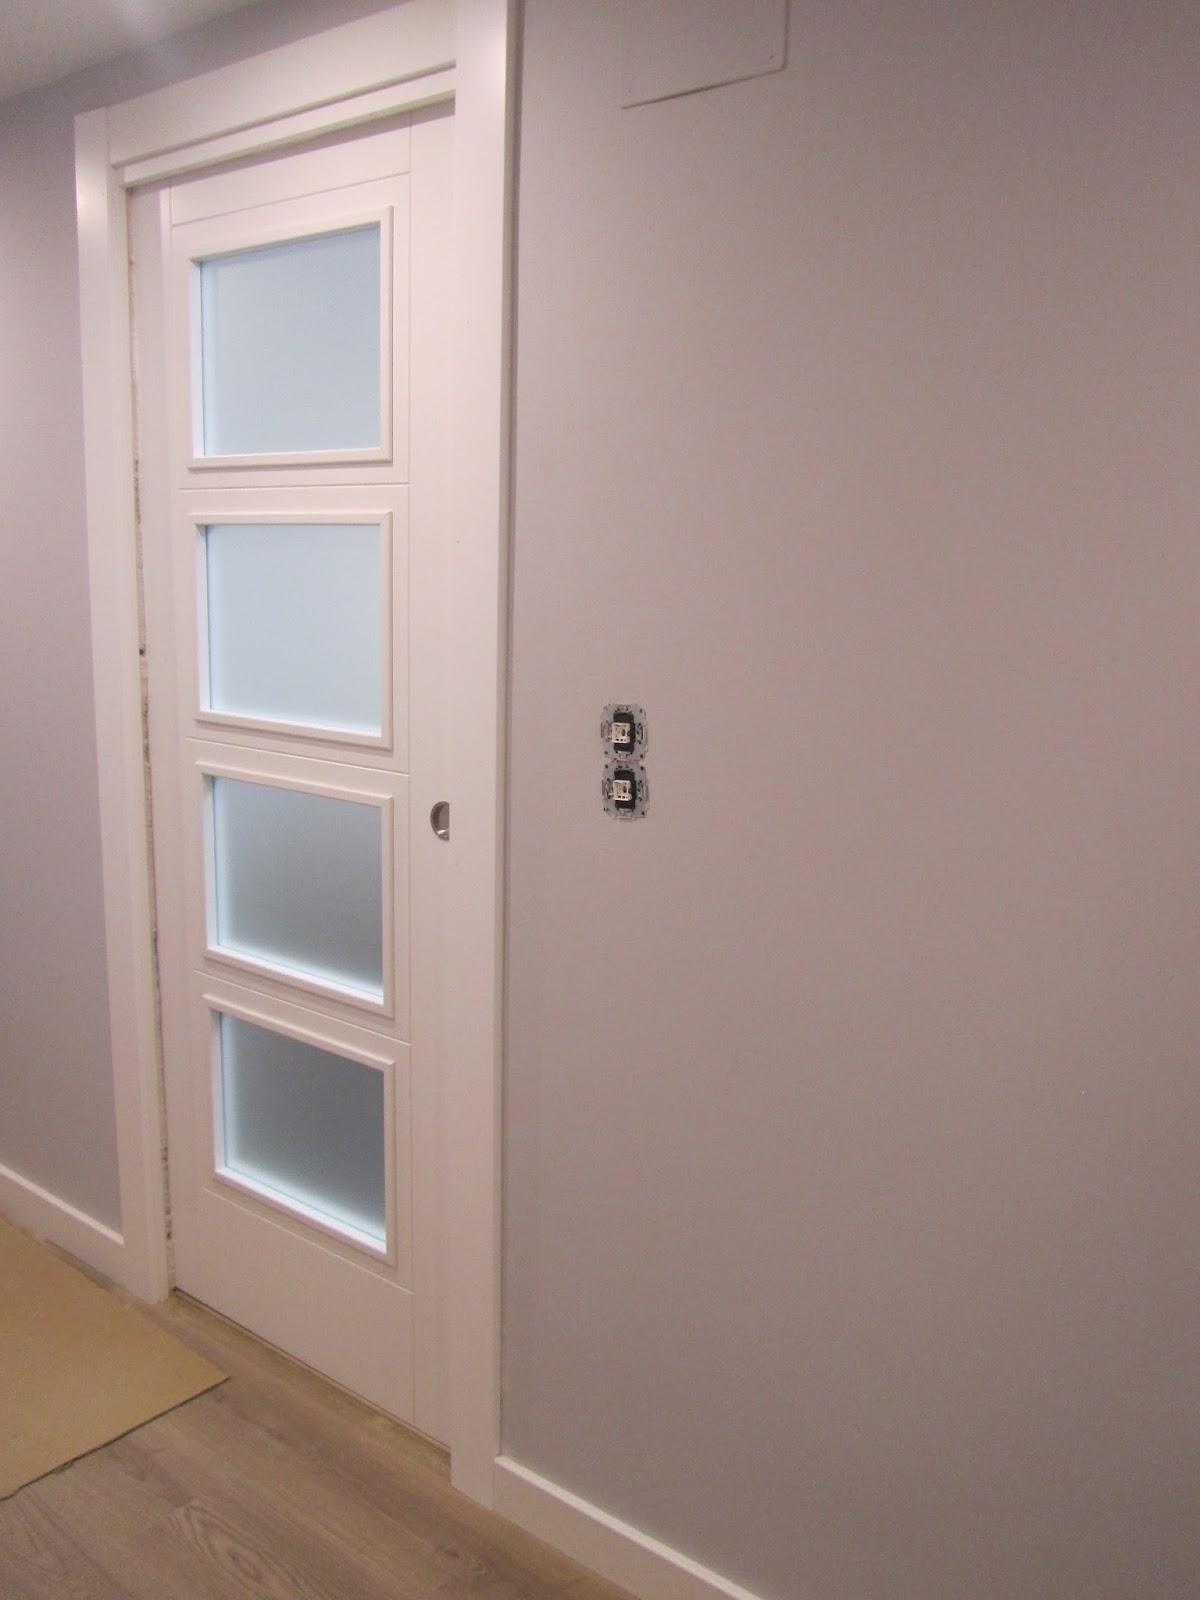 Puertas lozano venta puertas lacadas blancas puerta - Puertas blancas exterior ...